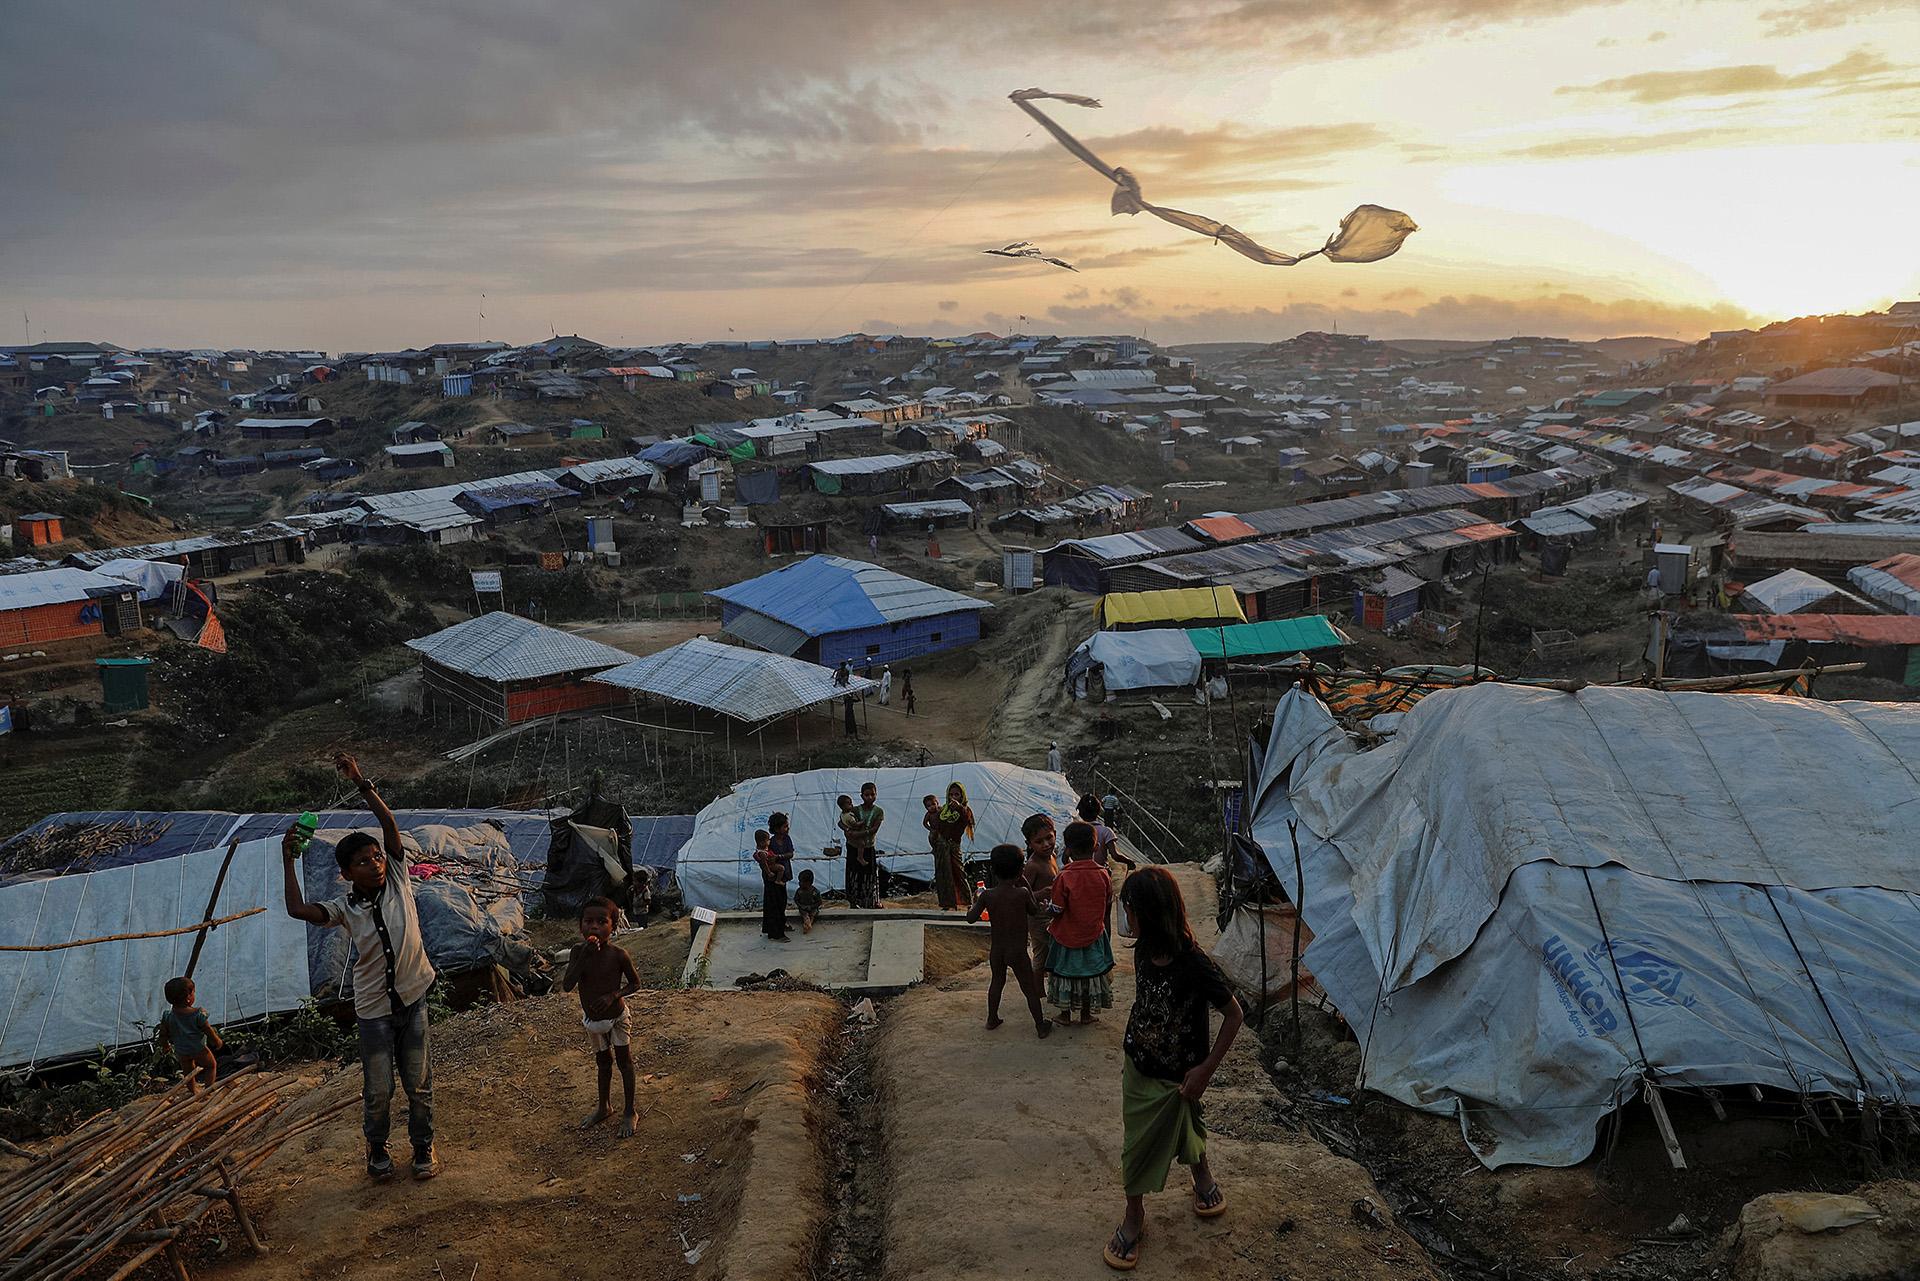 Los niños refugiados rohingya vuelan cometas improvisadas en el campo de refugiados de Kutupalong cerca de Cox's Bazar, Bangladesh, 10 de diciembre de 2017. (Damir Sagolj)